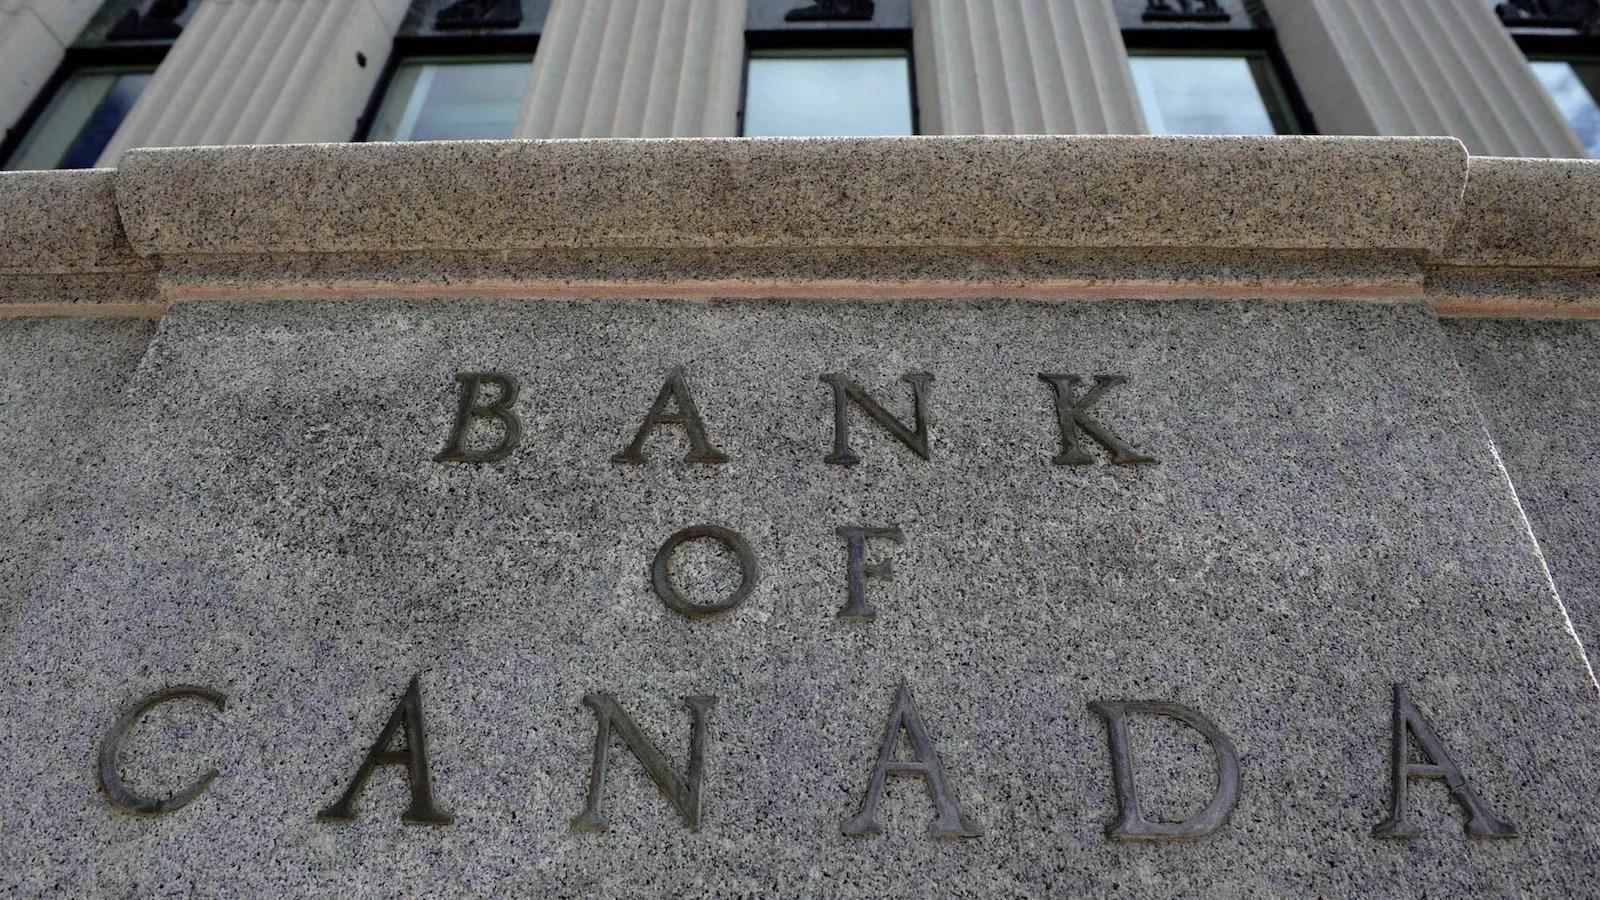 """Banco de Canadá evalúa el lanzamiento de una moneda digital que sirva para combatir la """"amenaza directa"""" de las criptomonedas"""